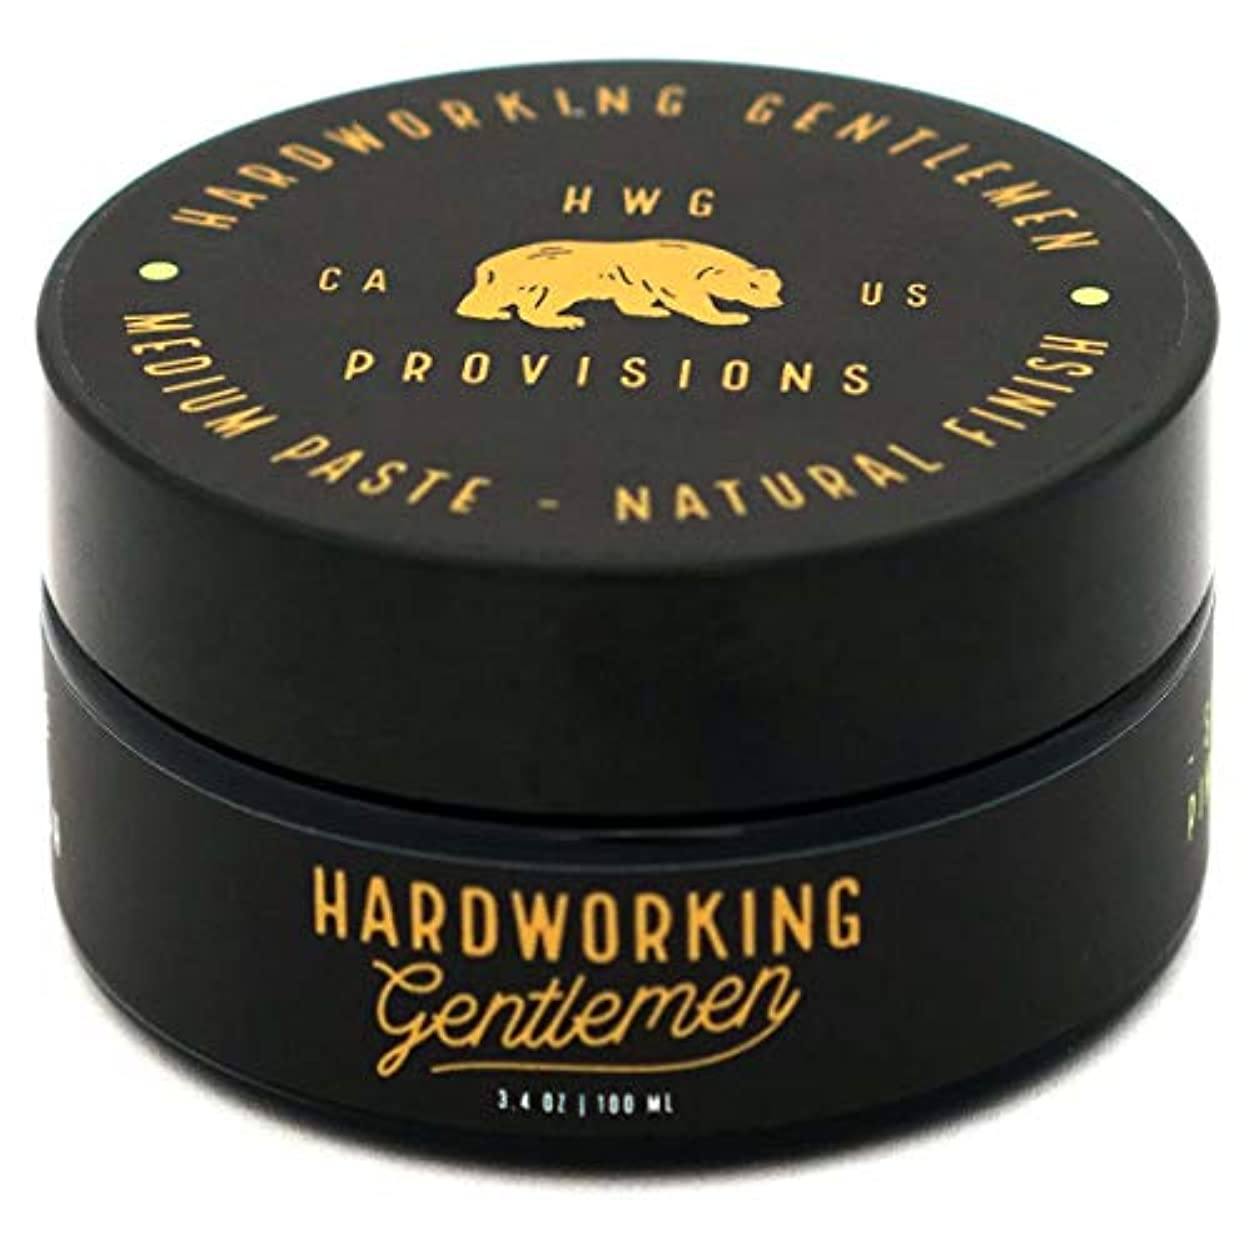 測定怠惰テンションHardworking Gentlemen (ハードワーキング ジェントルメン) Medium Paste ヘアワックス 100ml 天然成分 オーガニック